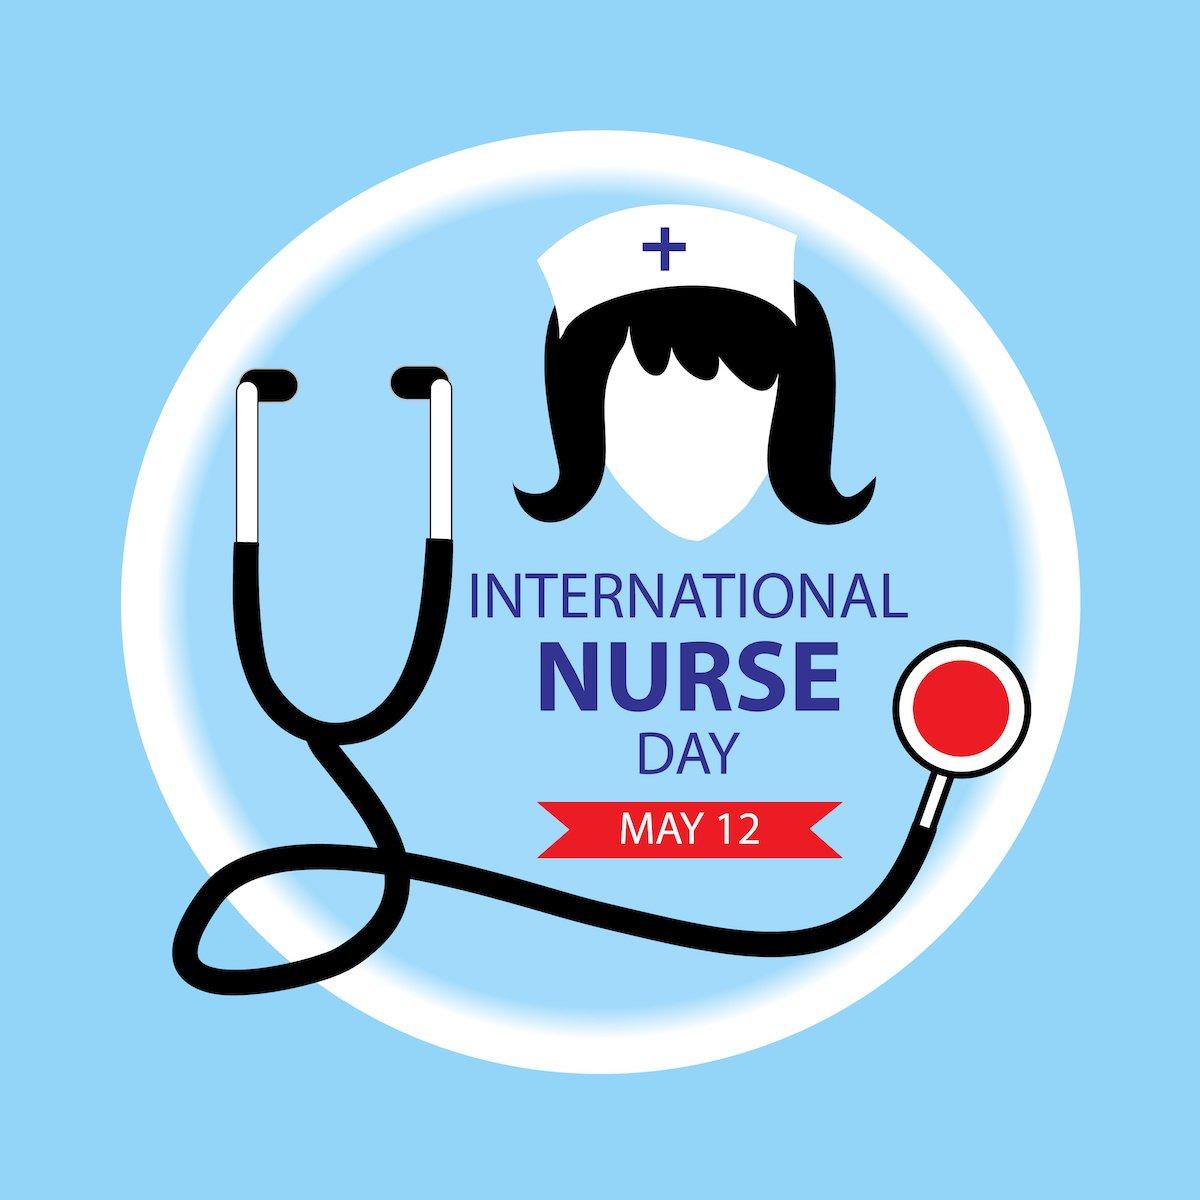 Čestitamo Međunarodni dan sestrinstva 2020. godine